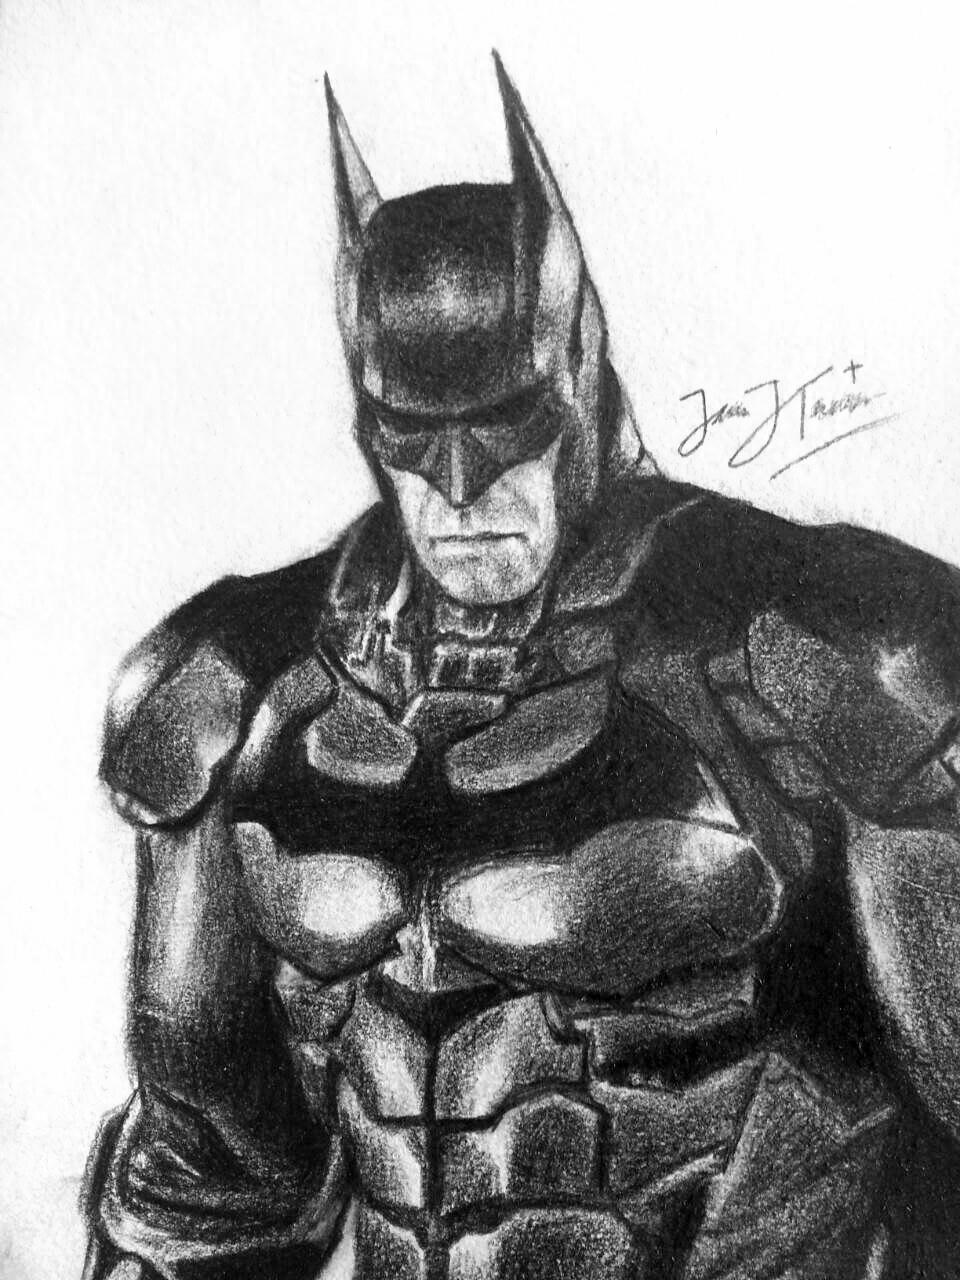 Batman Arkham Knight By Joshuajamestimothy On DeviantArt